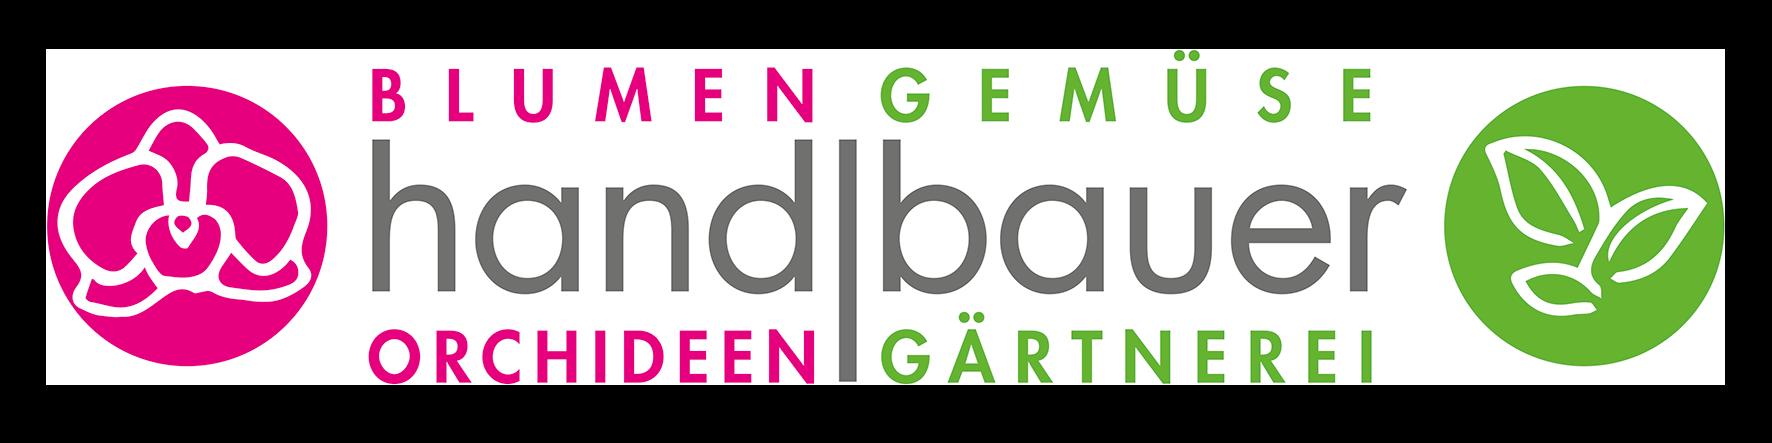 Genuss Gärtnerei Handlbauer